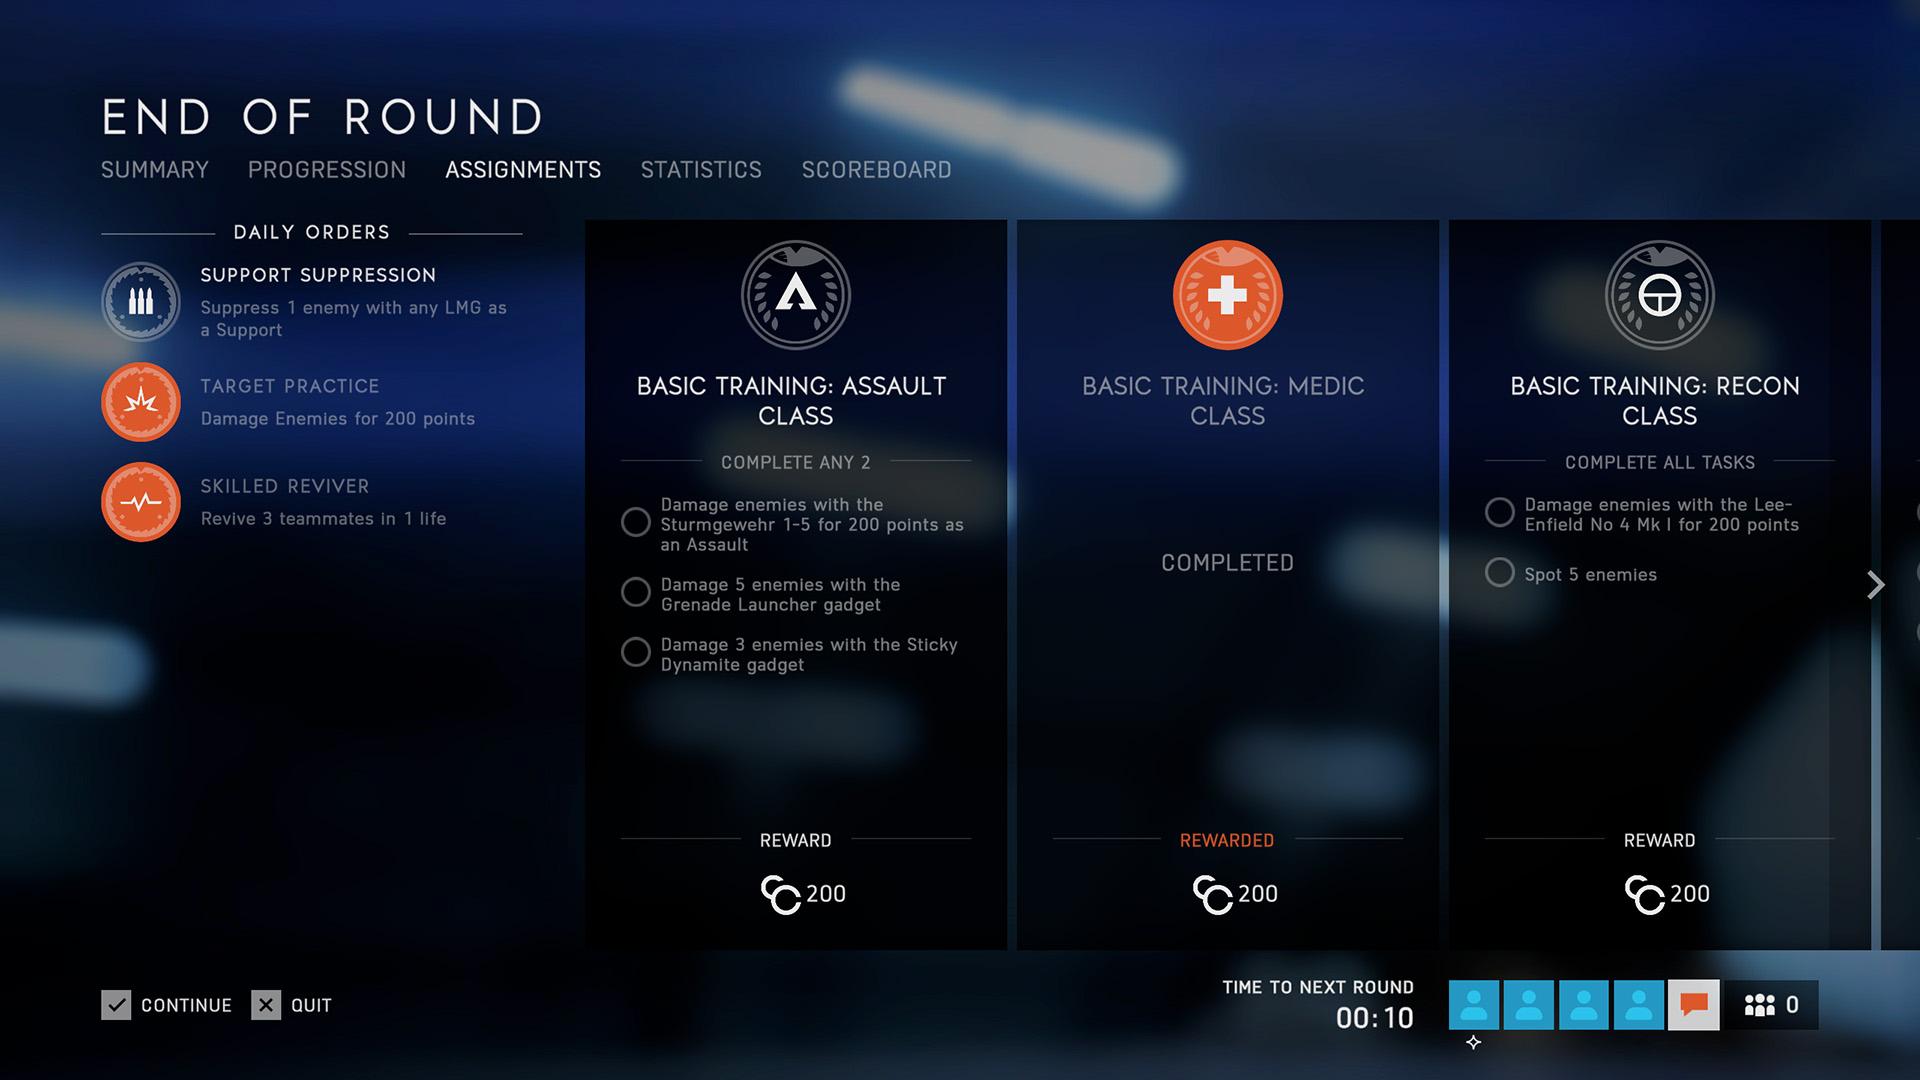 Battlefield V Screenshot 2018_0003_Battlefield V Screenshot 2018.11.11 - 20.57.16.28.jpg